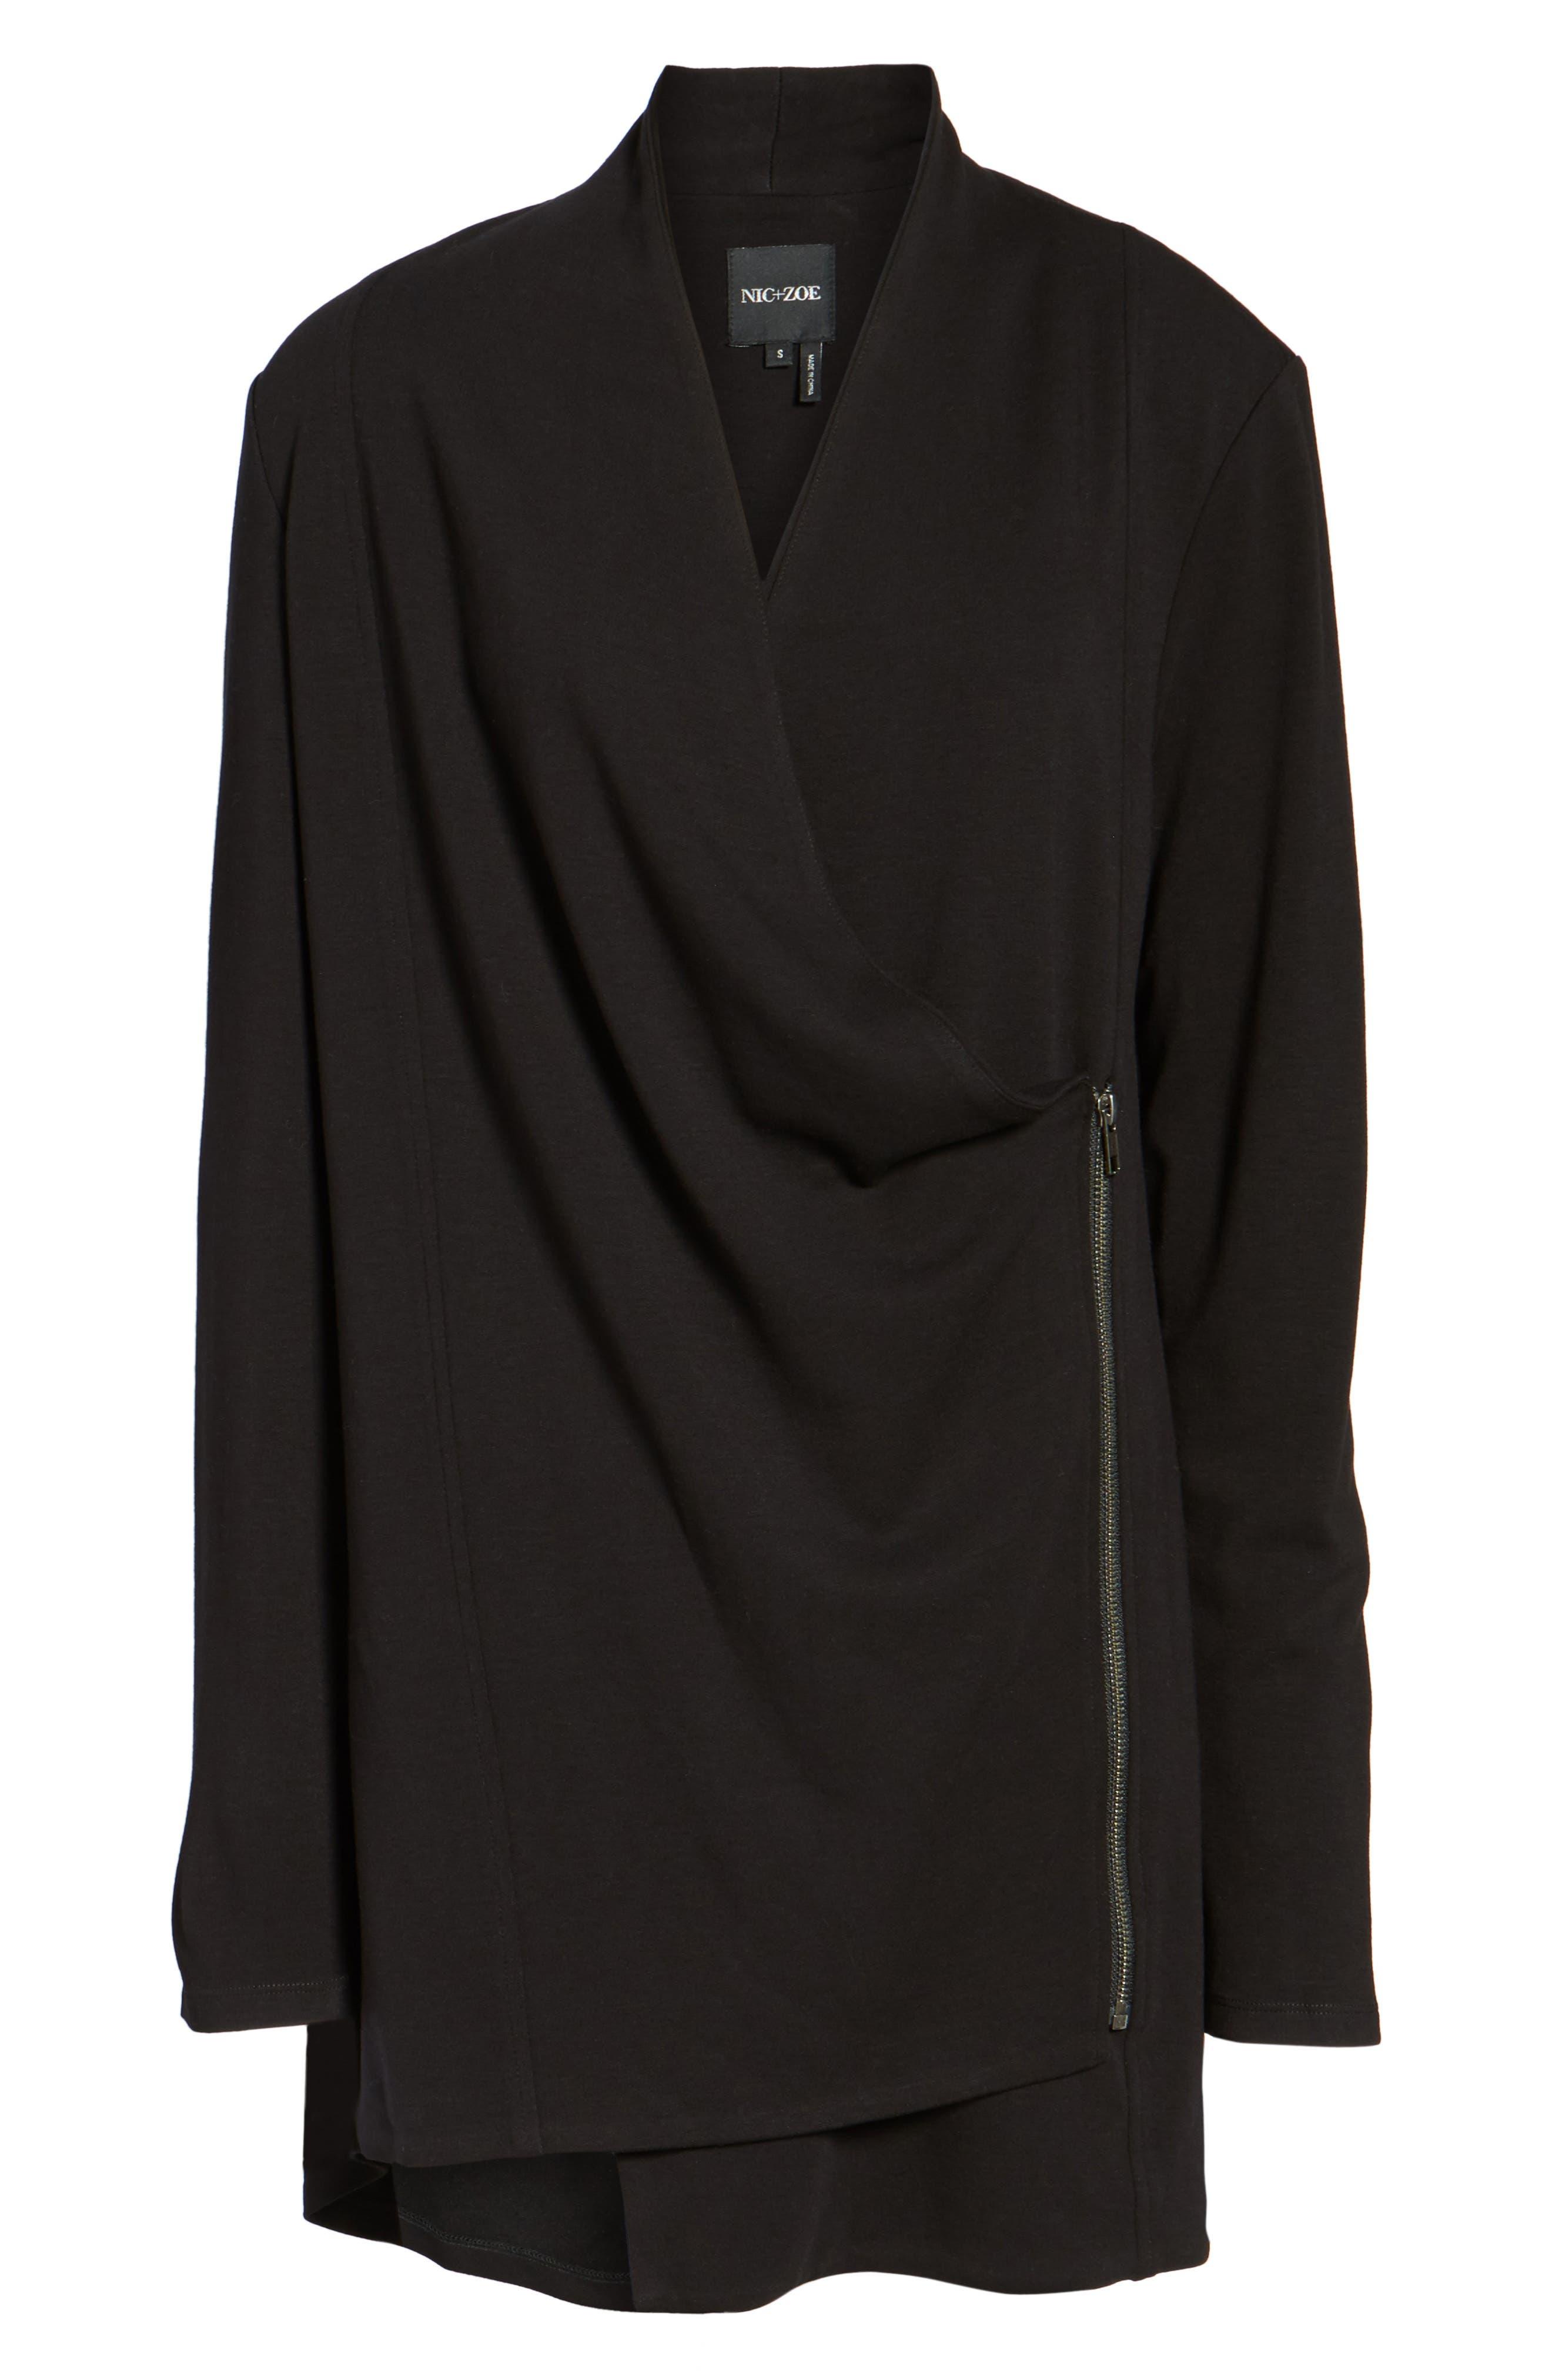 Studio Asymmetrical Zip Jacket,                             Alternate thumbnail 6, color,                             Black Onyx